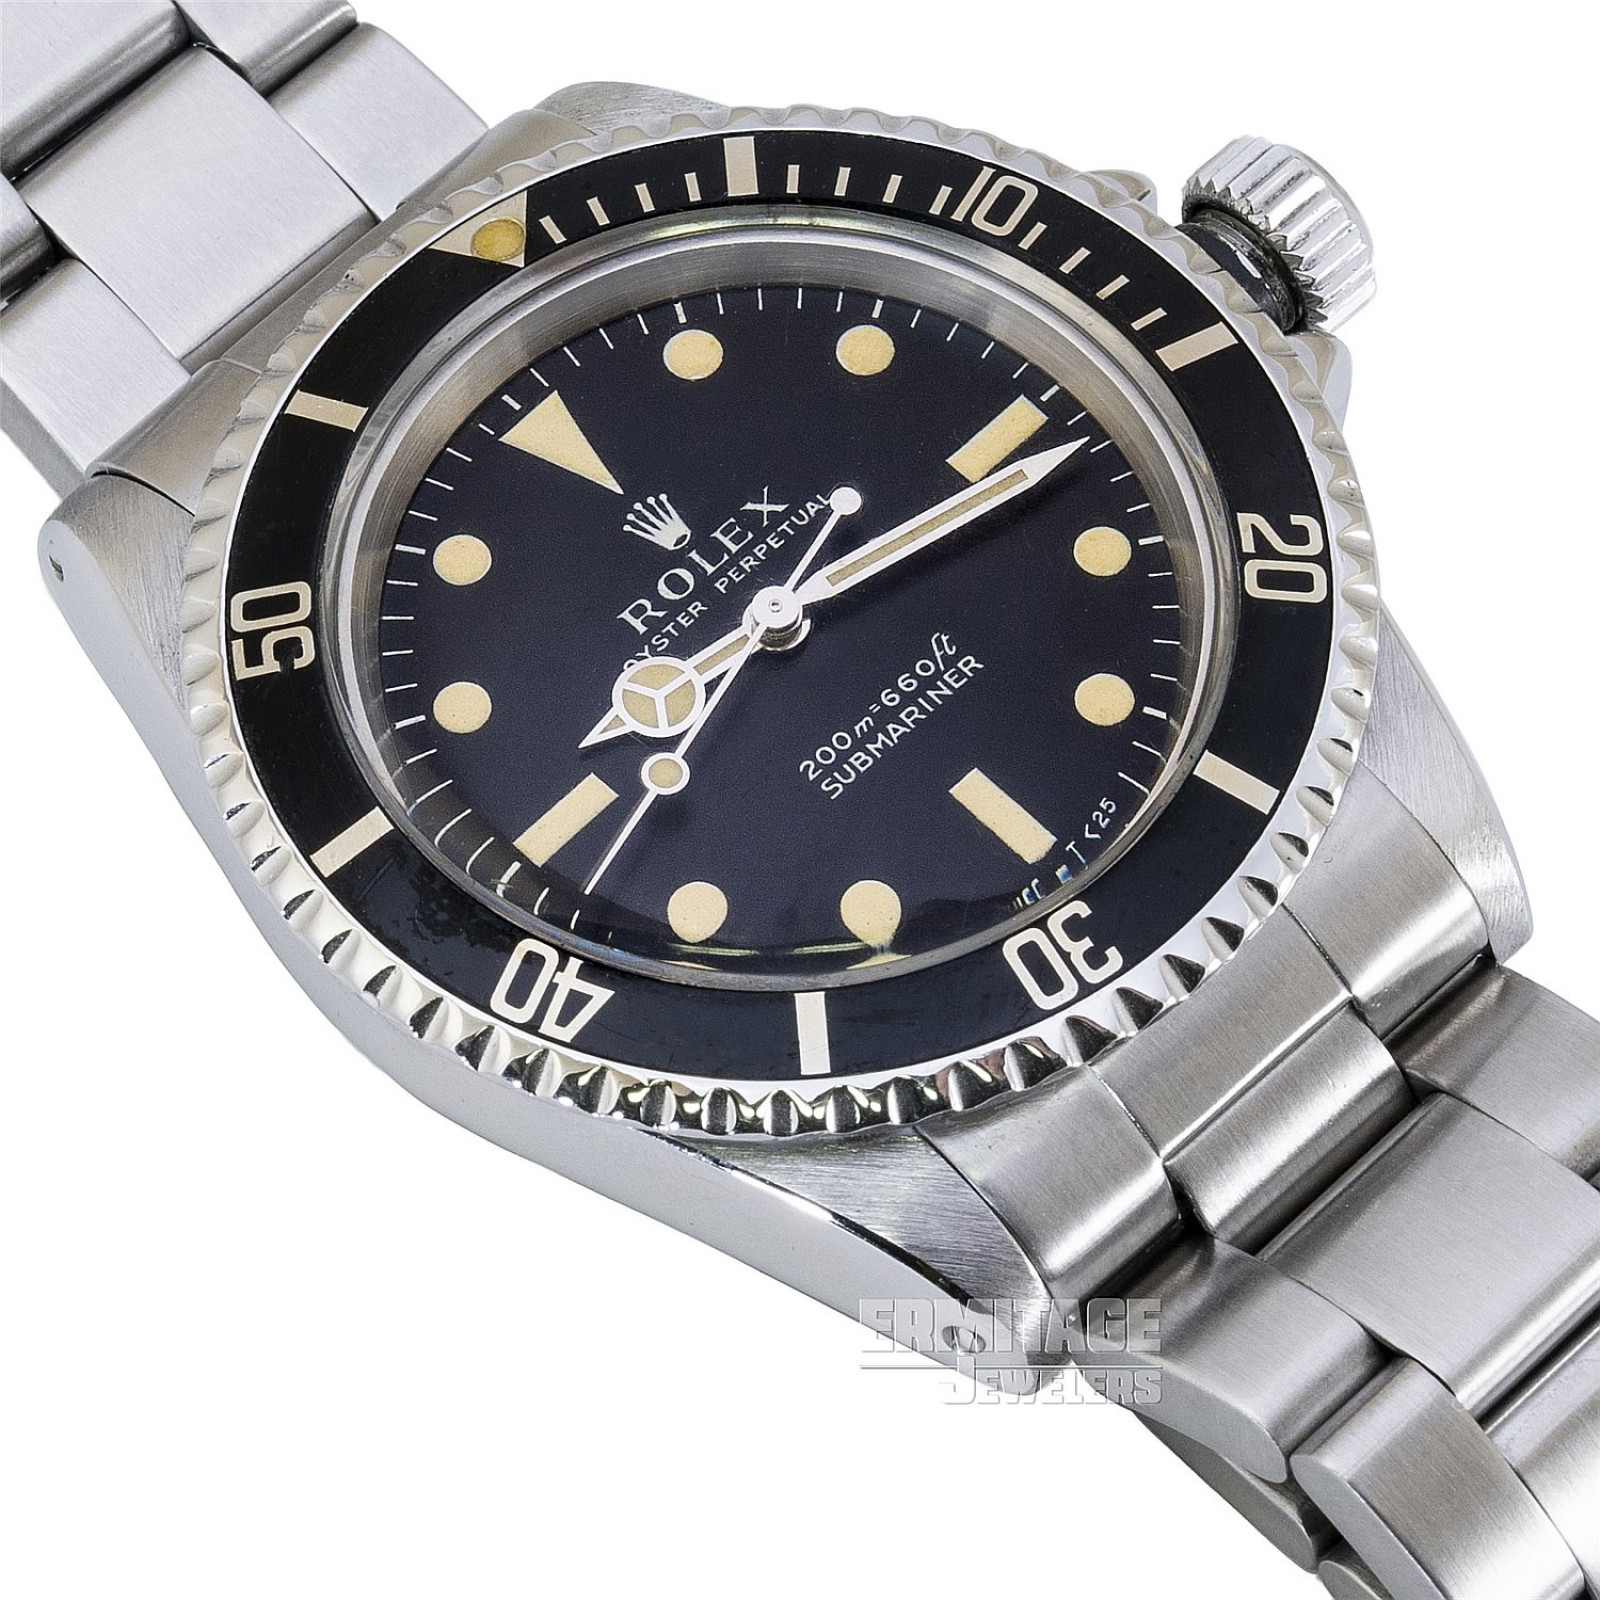 1968 Vintage Rolex Submariner Ref. 5513